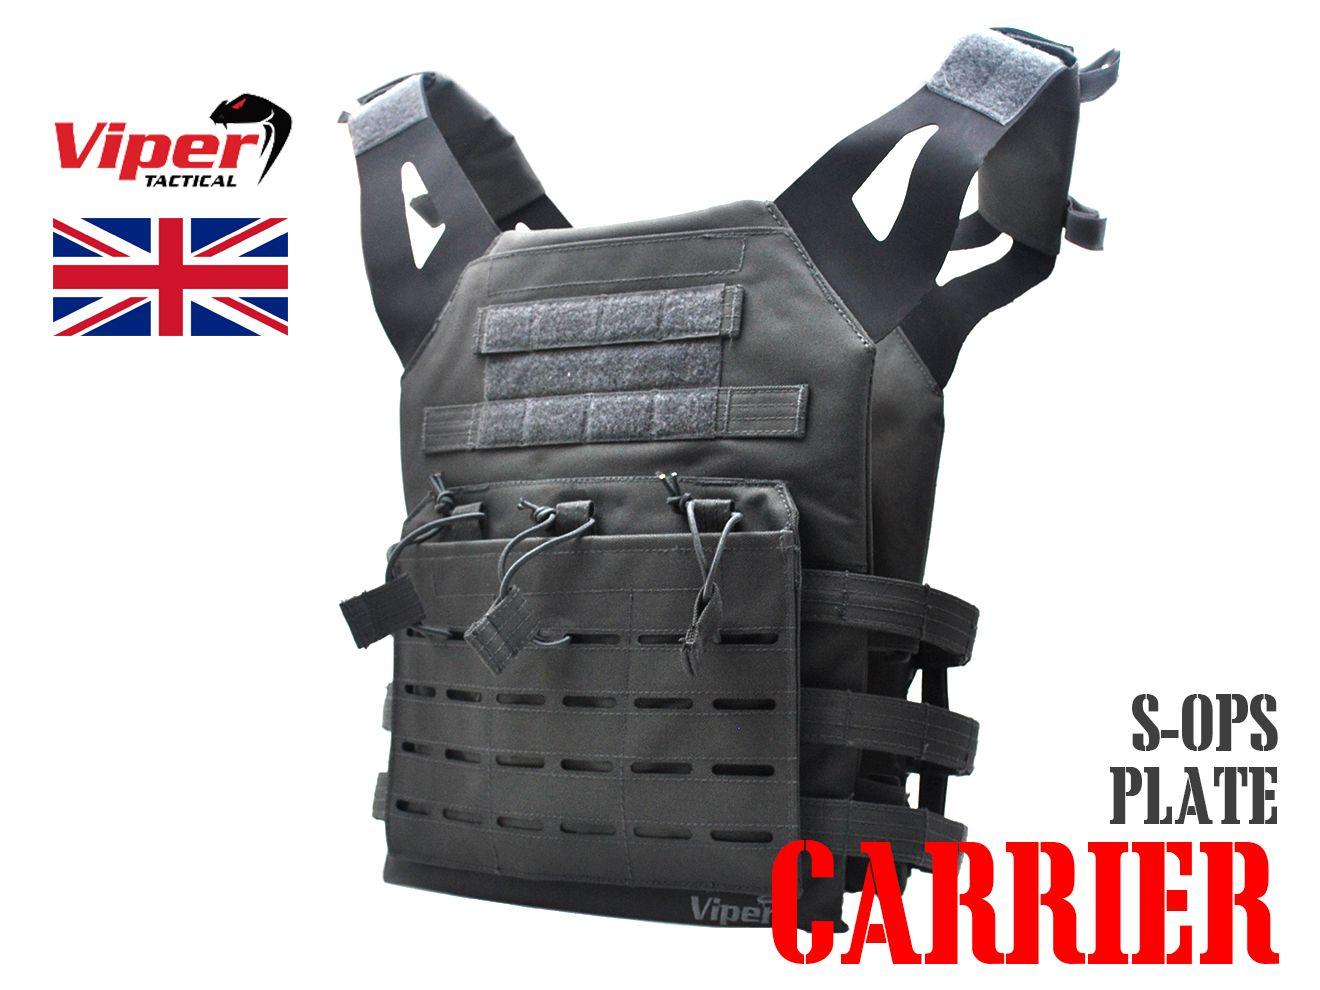 VIPER SPECIAL OPS プレートキャリア GRAY★バイパー UK タクティカルベスト プレキャリ 防具